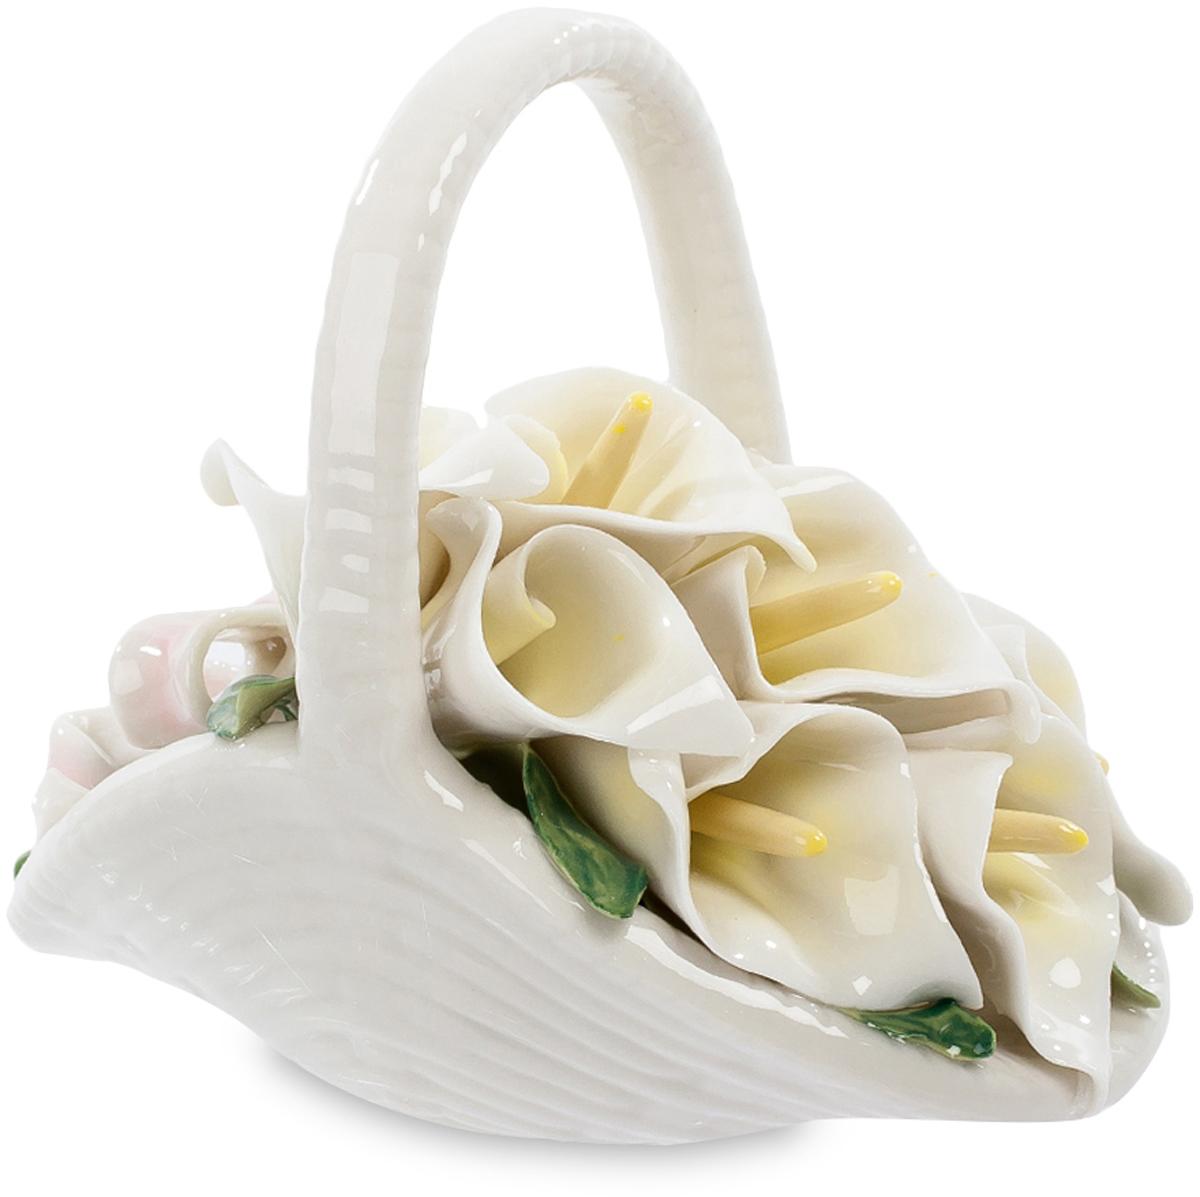 Композиция Pavone Цветочное очарование. CMS-33/51CMS-33/51Композиция Цветочное очарование (Pavone) Вся эта цветочная композиция выстроена в исключительно белых тонах. В белой фарфоровой корзиночке аккуратно выложены белые цветы каллы, торжественные, строгие, с бледно-желтыми пестиками. Букет калл перевязан бледно-розовым бантиком – настоящий свадебный букет! И только сочная зелень листьев выделяется на белом фоне. Не верится, что вся эта композиция – от корзинки до ленточки и до нежных лепестков – выполнена из фарфора. А, значит, эти цветы никогда не завянут и будут круглый год напоминать о торжестве, по случаю которого были подарены. И о том, кто именно их подарил!